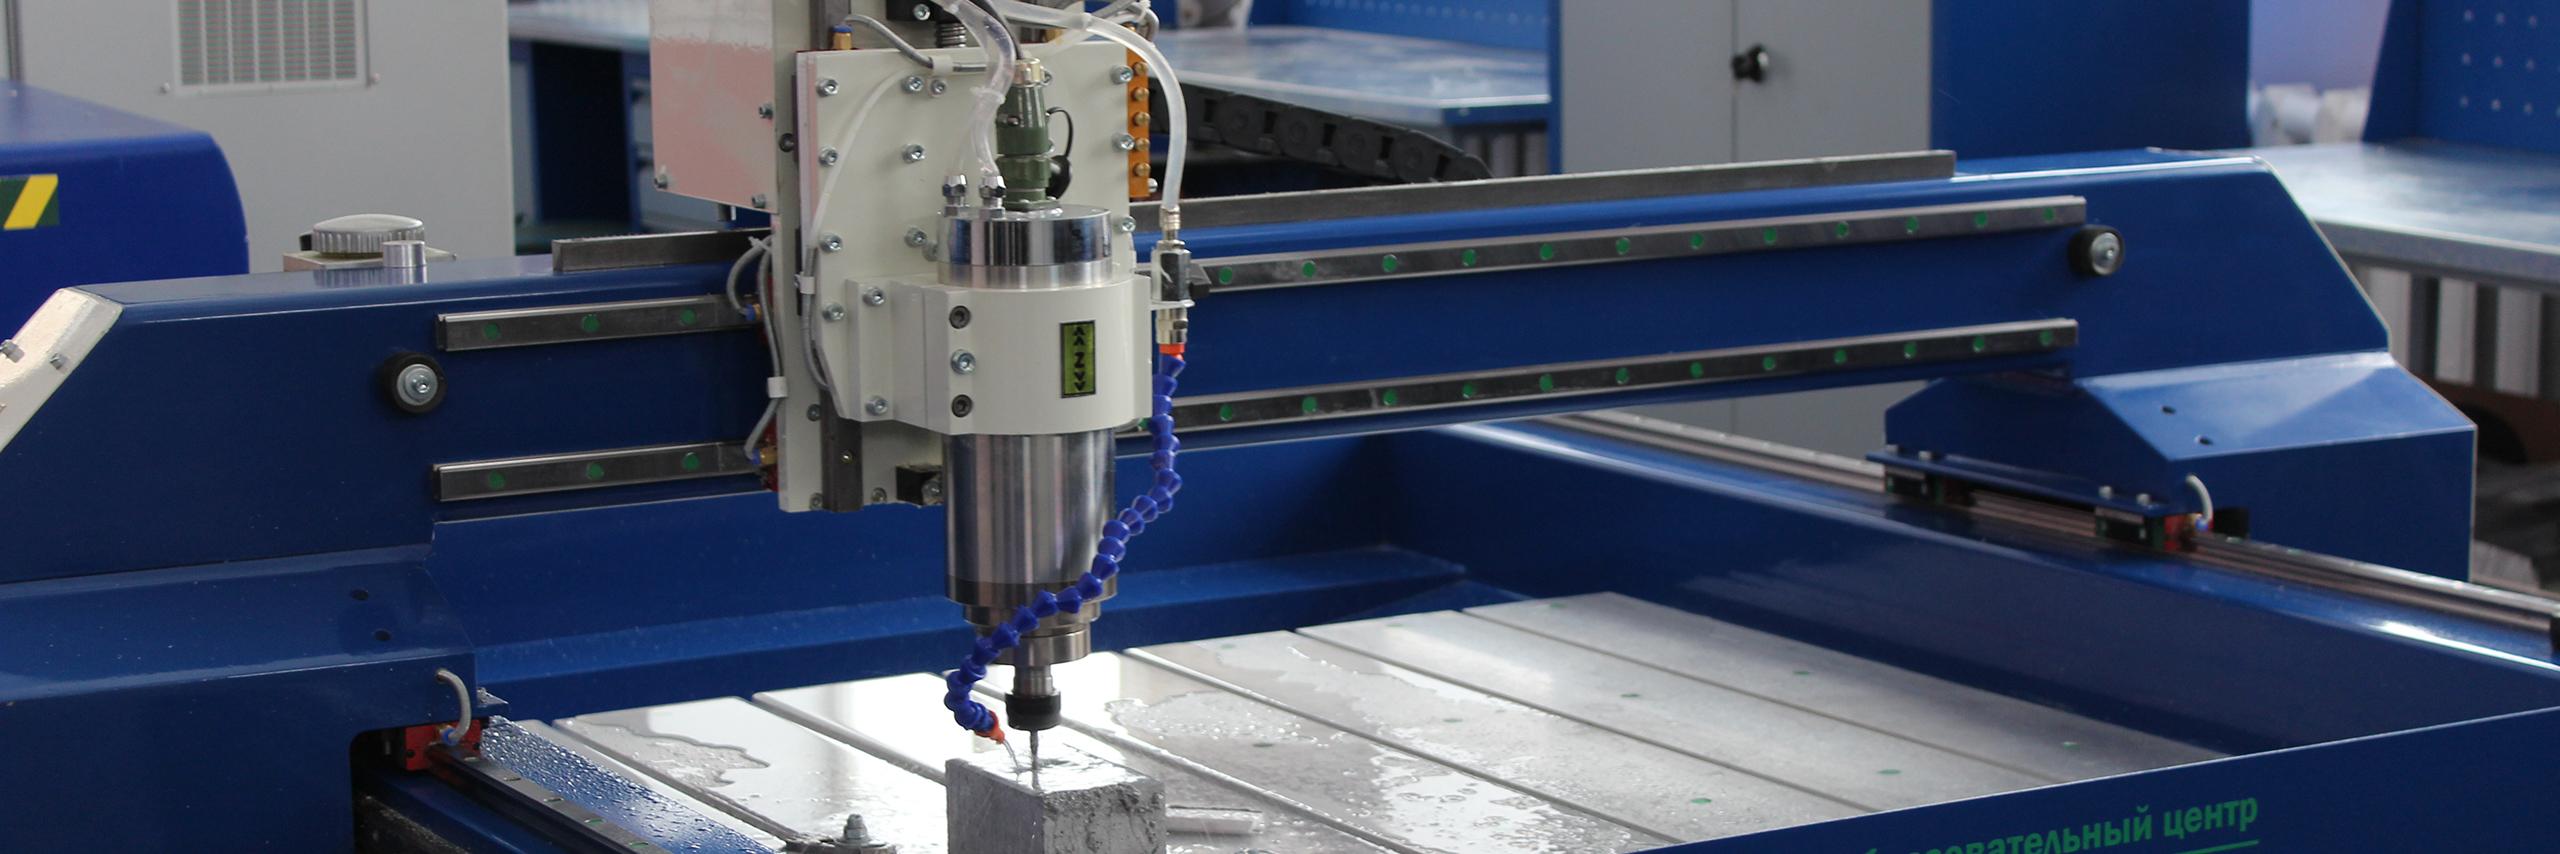 Научно-образовательный центр «Промышленная робототехника и промышленная физика»